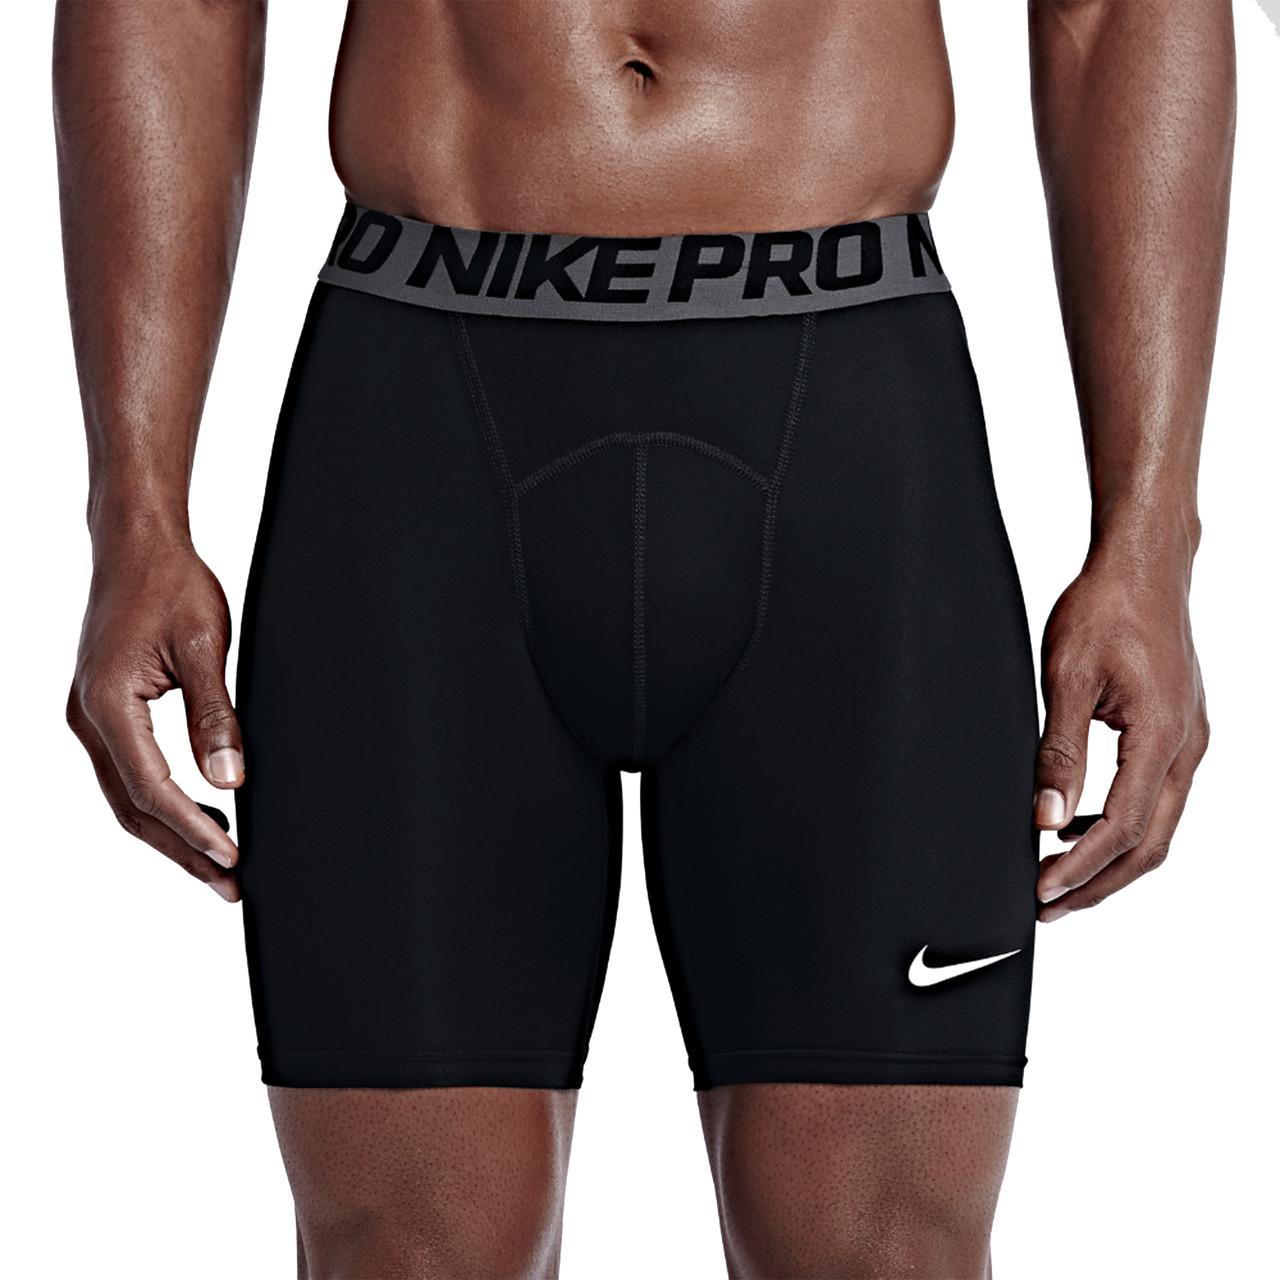 404ad09d Термо-компрессионное мужское белье Nike PRO COOL COMPRESSION 6